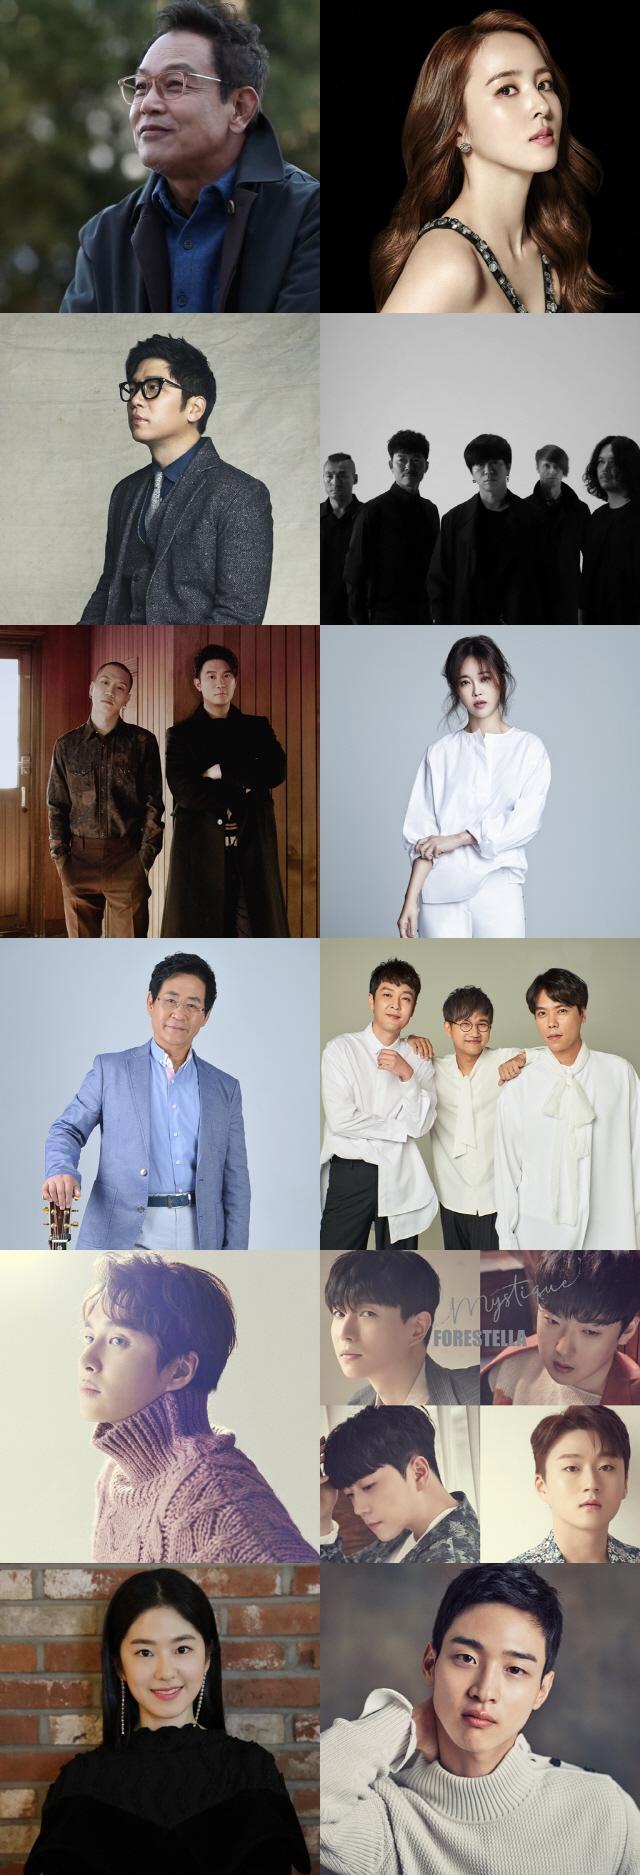 '별 헤는 밤' 이적부터 YB, 백지영까지 '국내 최정상 아티스트 총출동'